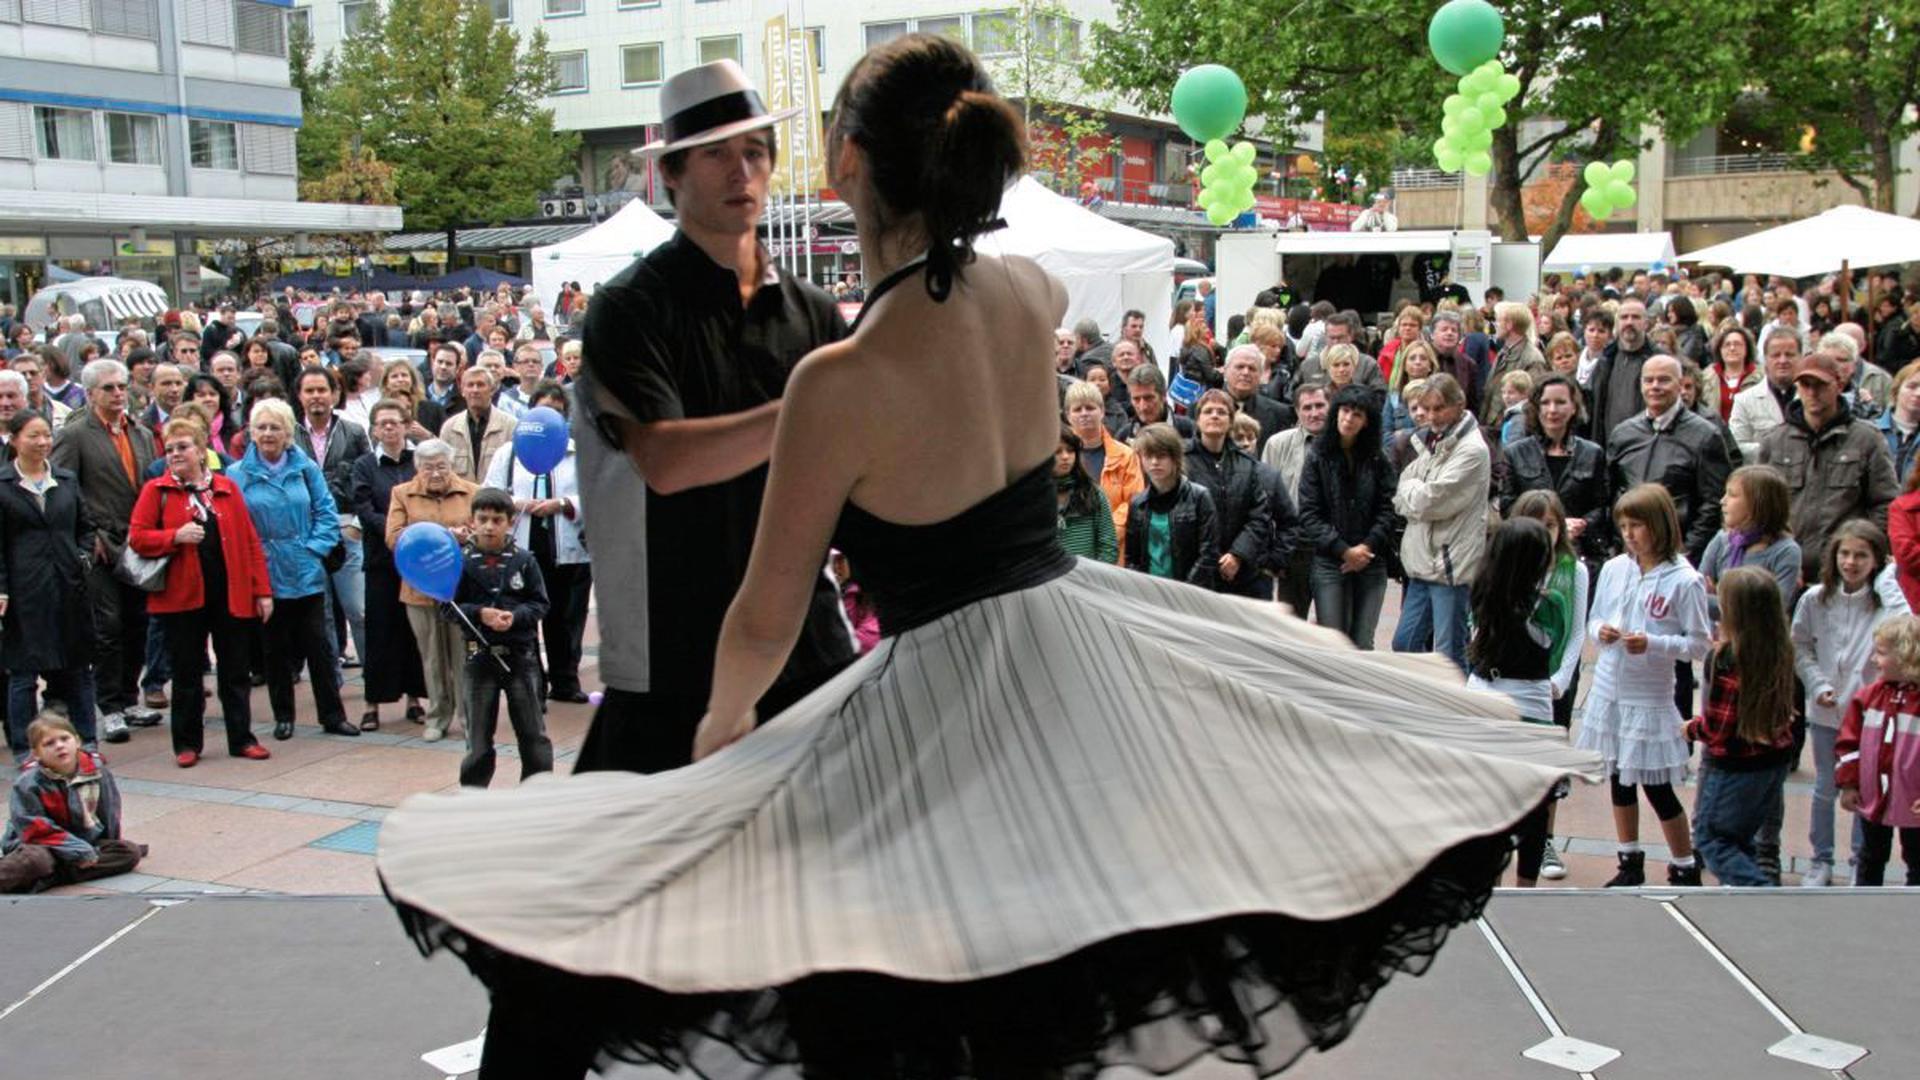 """Das Coronavirus trifft nun die ersten prominenten Großveranstaltungen in Pforzheim. Nach langen Beratungen hat die Stadtverwaltung am Mittwoch das """"Goldstadtfieber"""" mit verkaufsoffenem Sonntag abgesagt."""